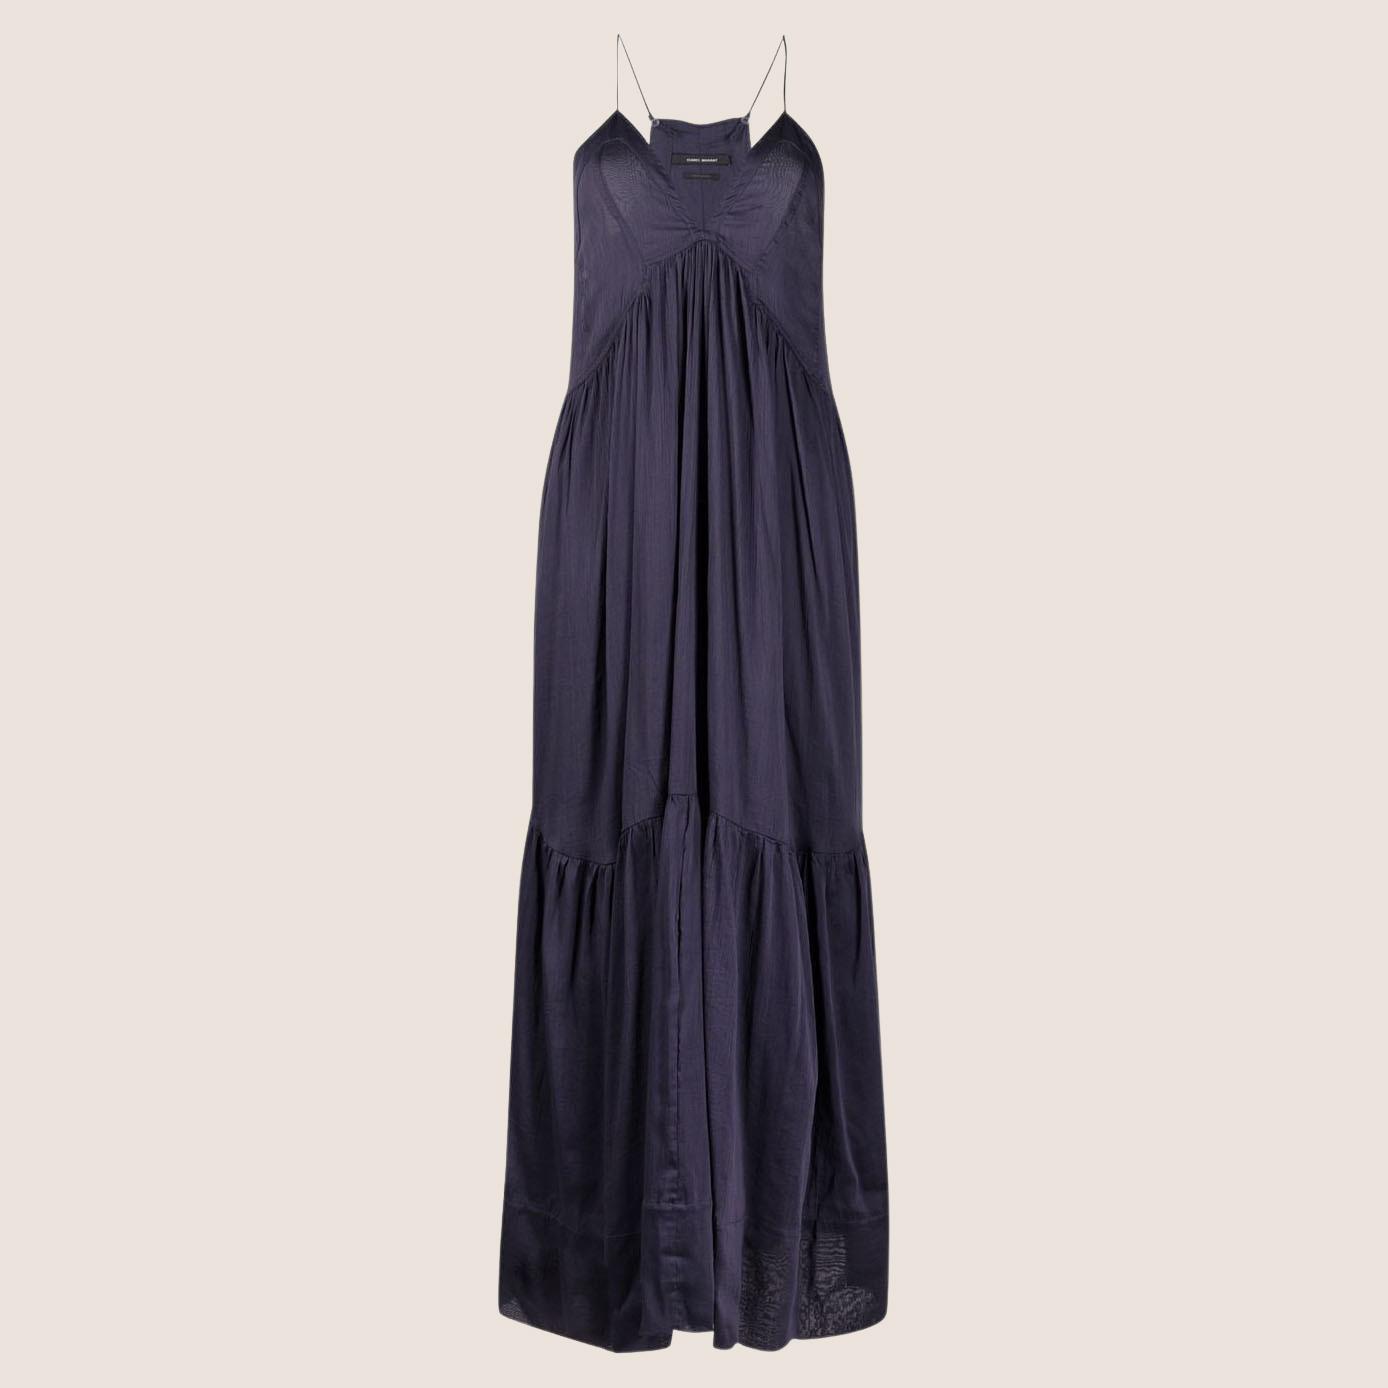 Katniss Dress